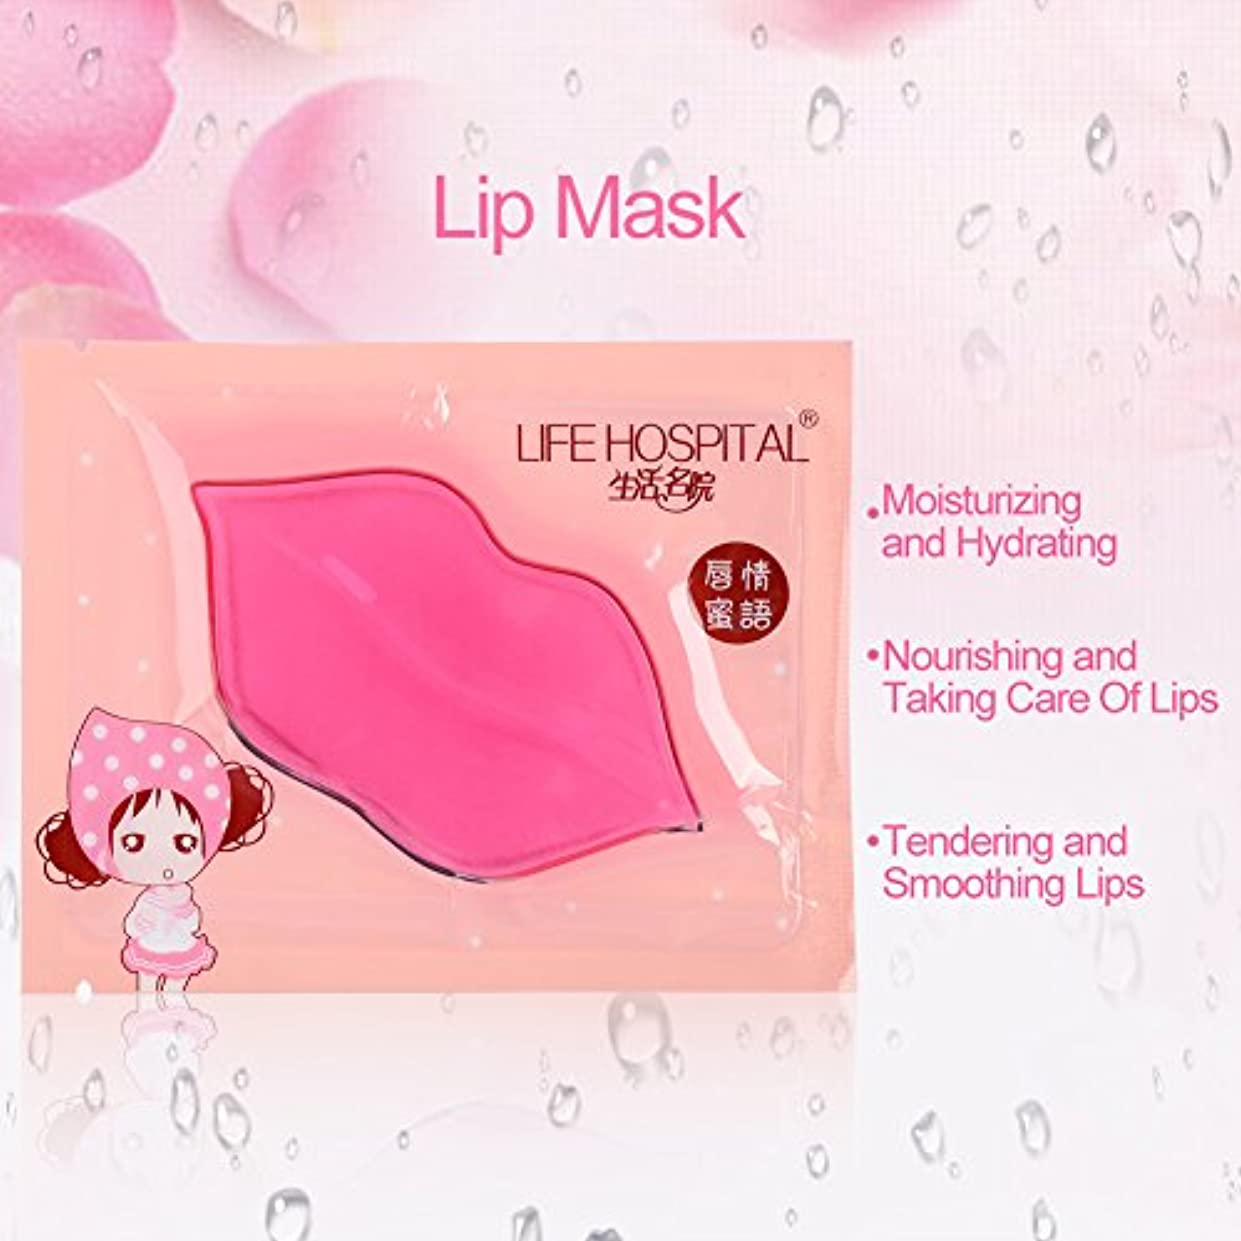 咳事件、出来事体細胞リップマスク、15枚入りリップマスクパッチクリスタルコラーゲン水分剥離美容パッド用ドライリップフラーリップ